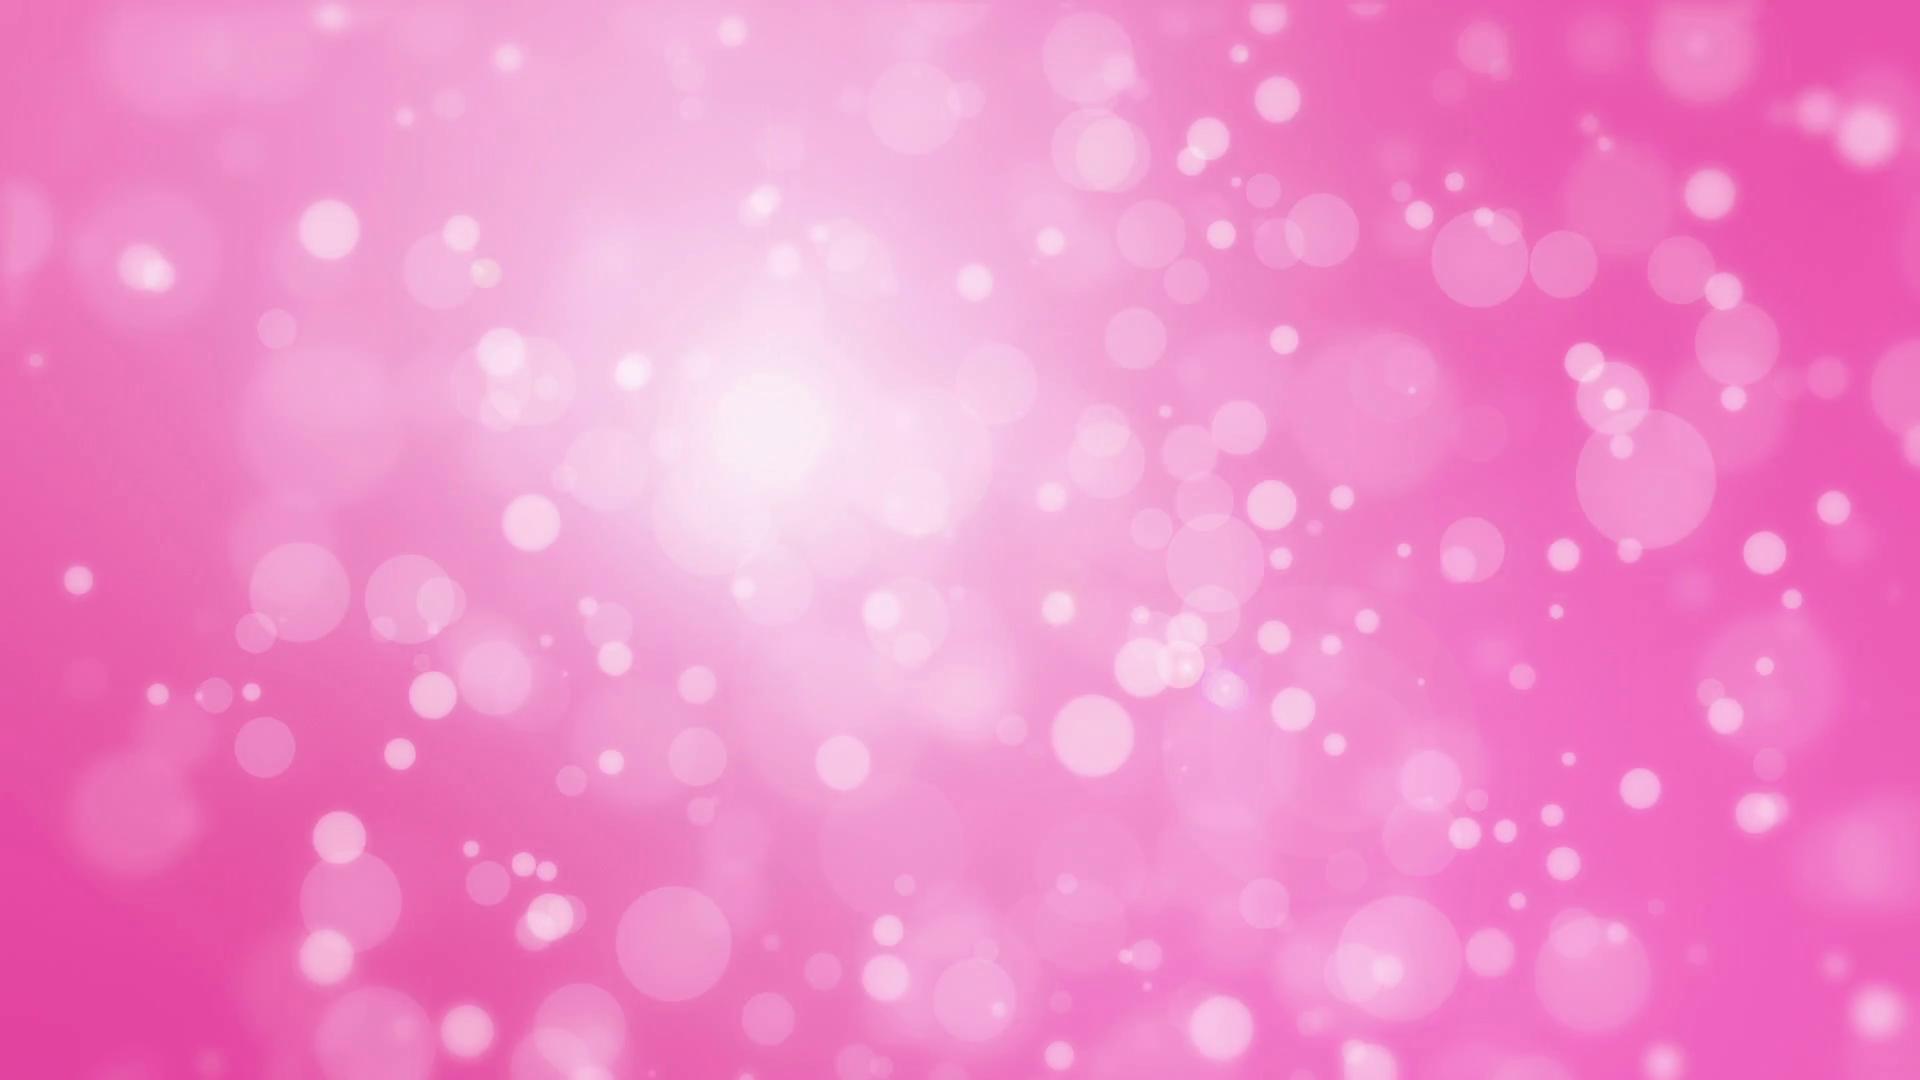 Pink bokeh photo